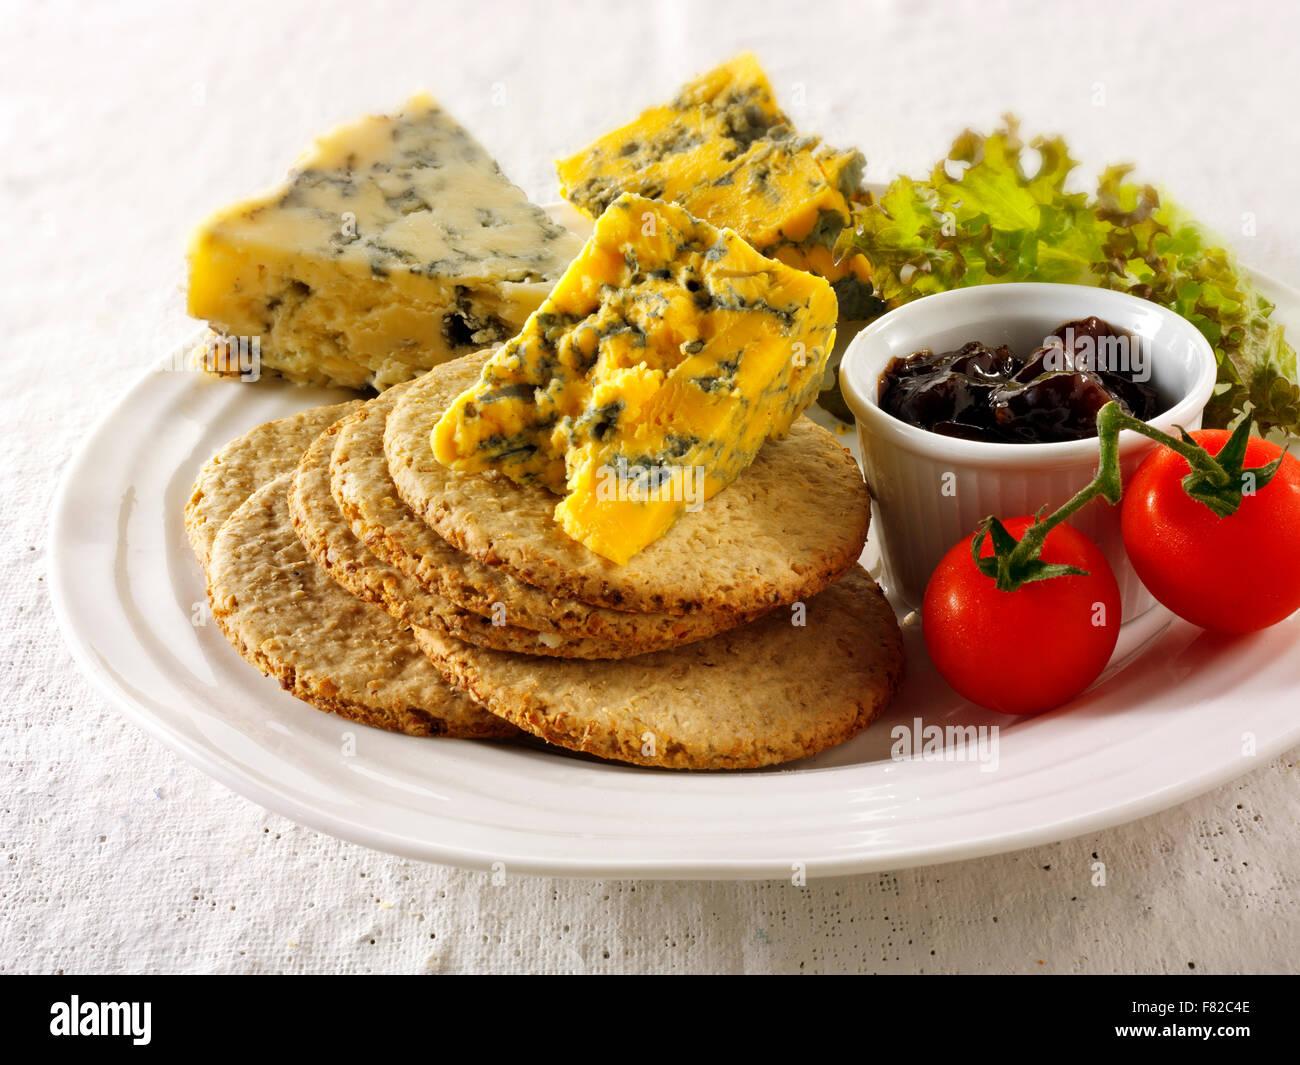 Blue cheese & biscotti con stilton, Stilton bianco & blacksticks formaggio. Servita su una piastra Immagini Stock